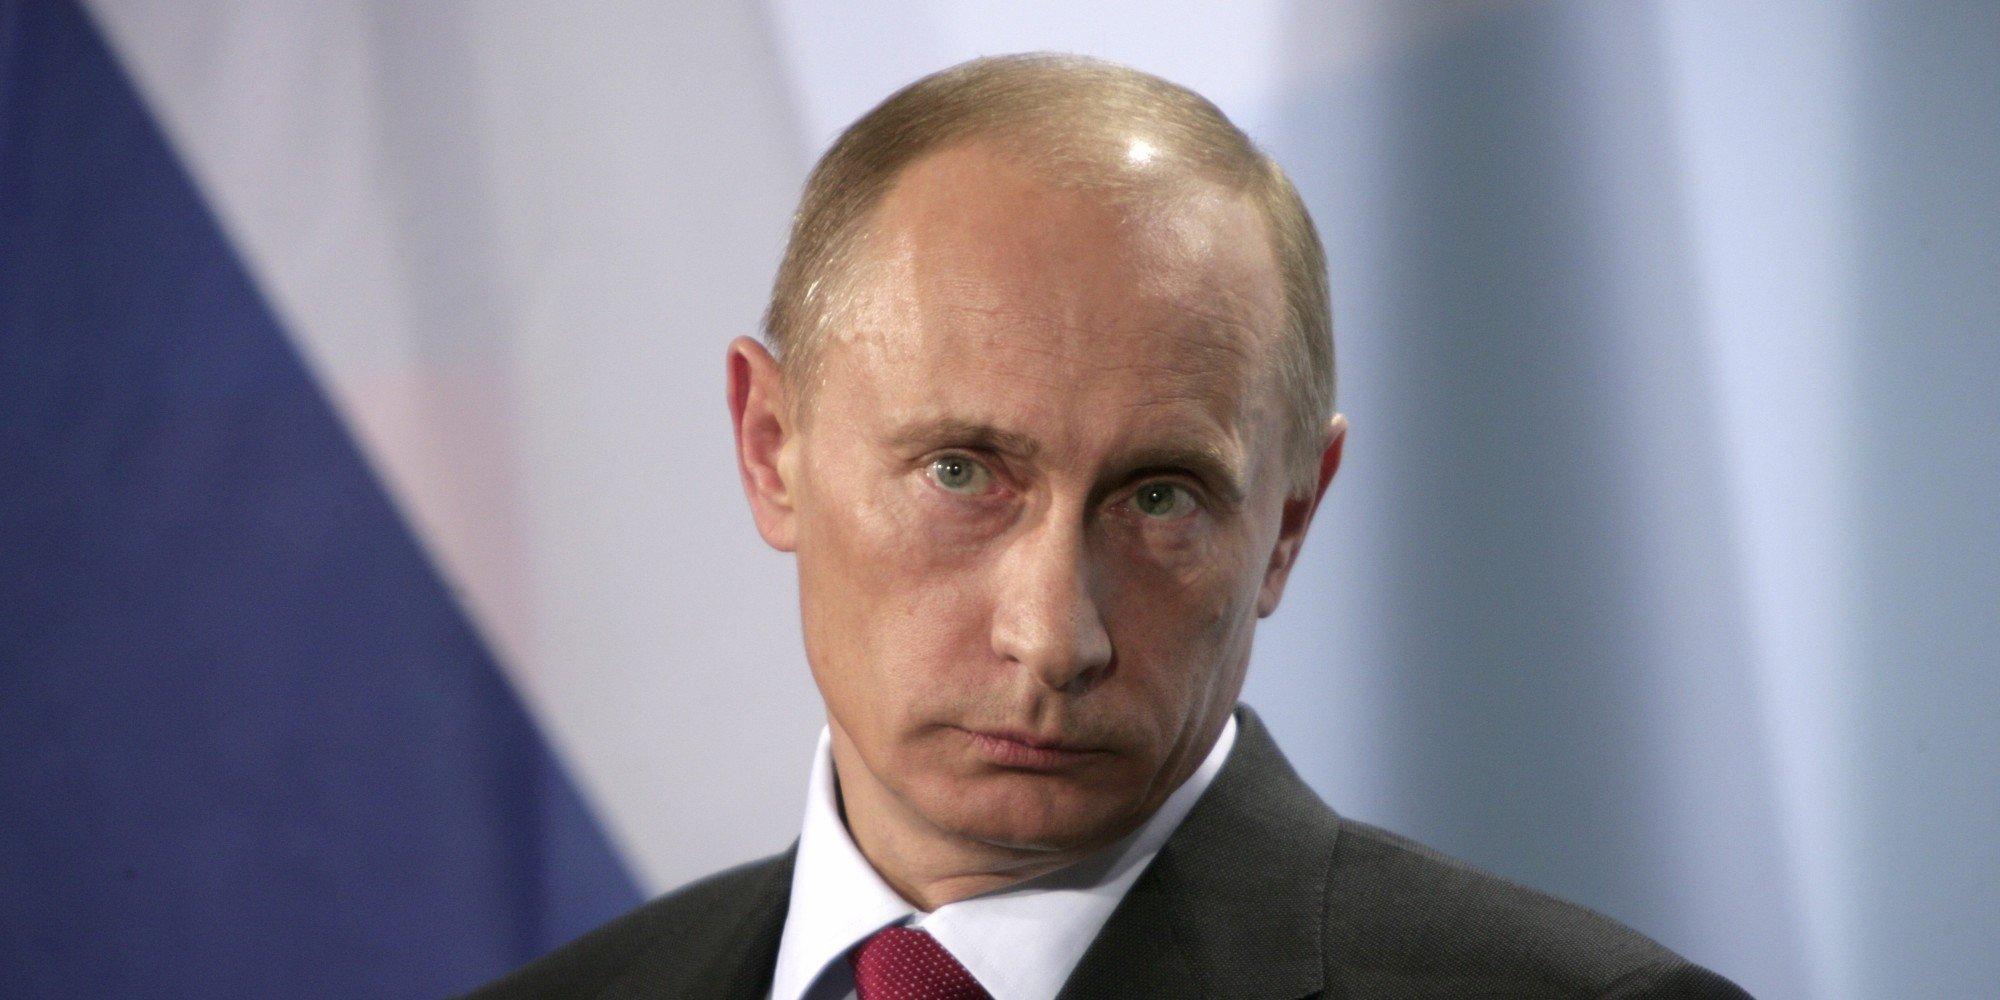 Будет арестован или убит: легендарный музыкант предсказал будущее Путина